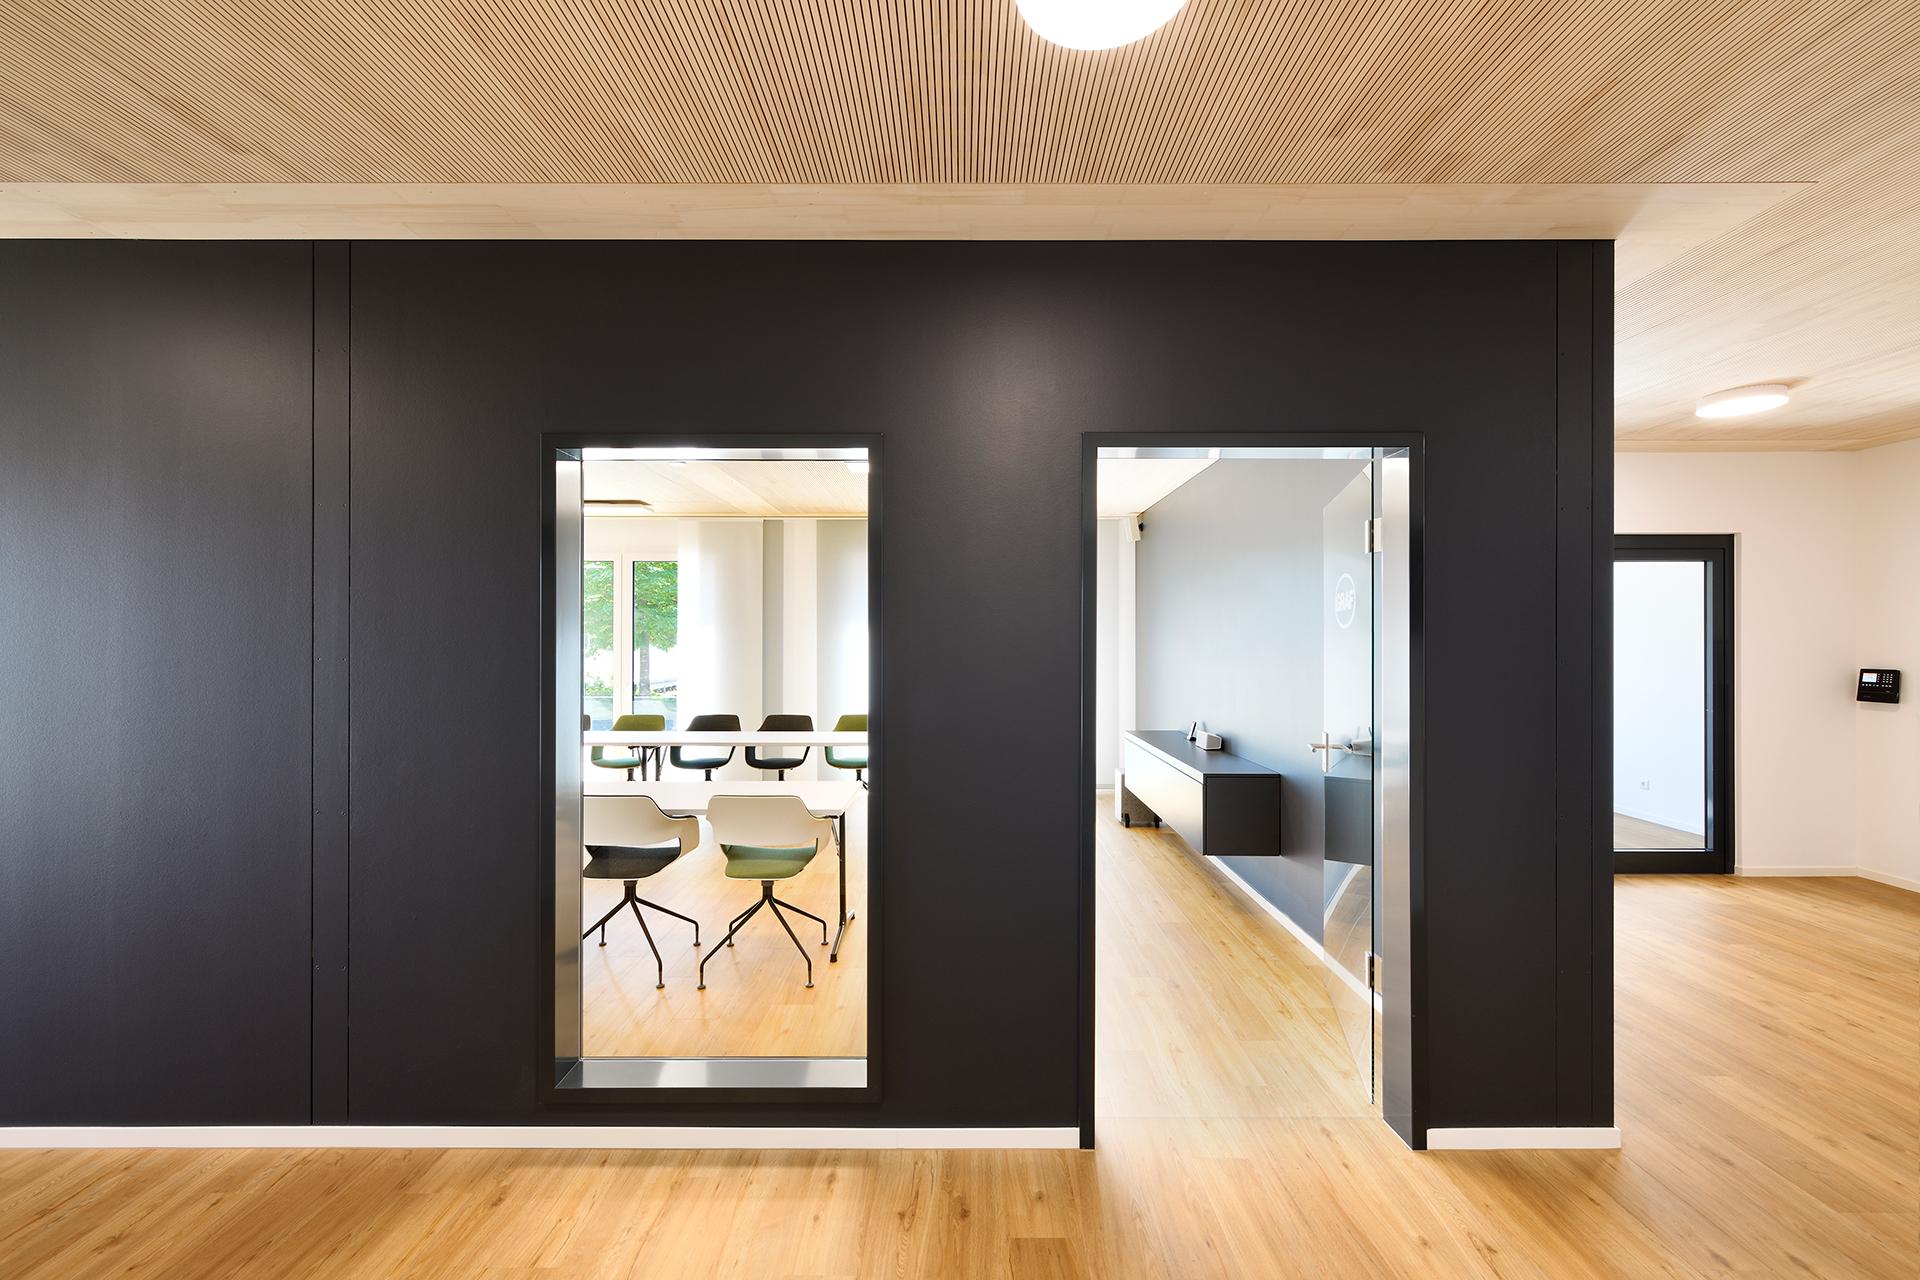 Eingang zum Sitzungszimmer in einer schwarzen Trennwand mit Fenster und Glastüre